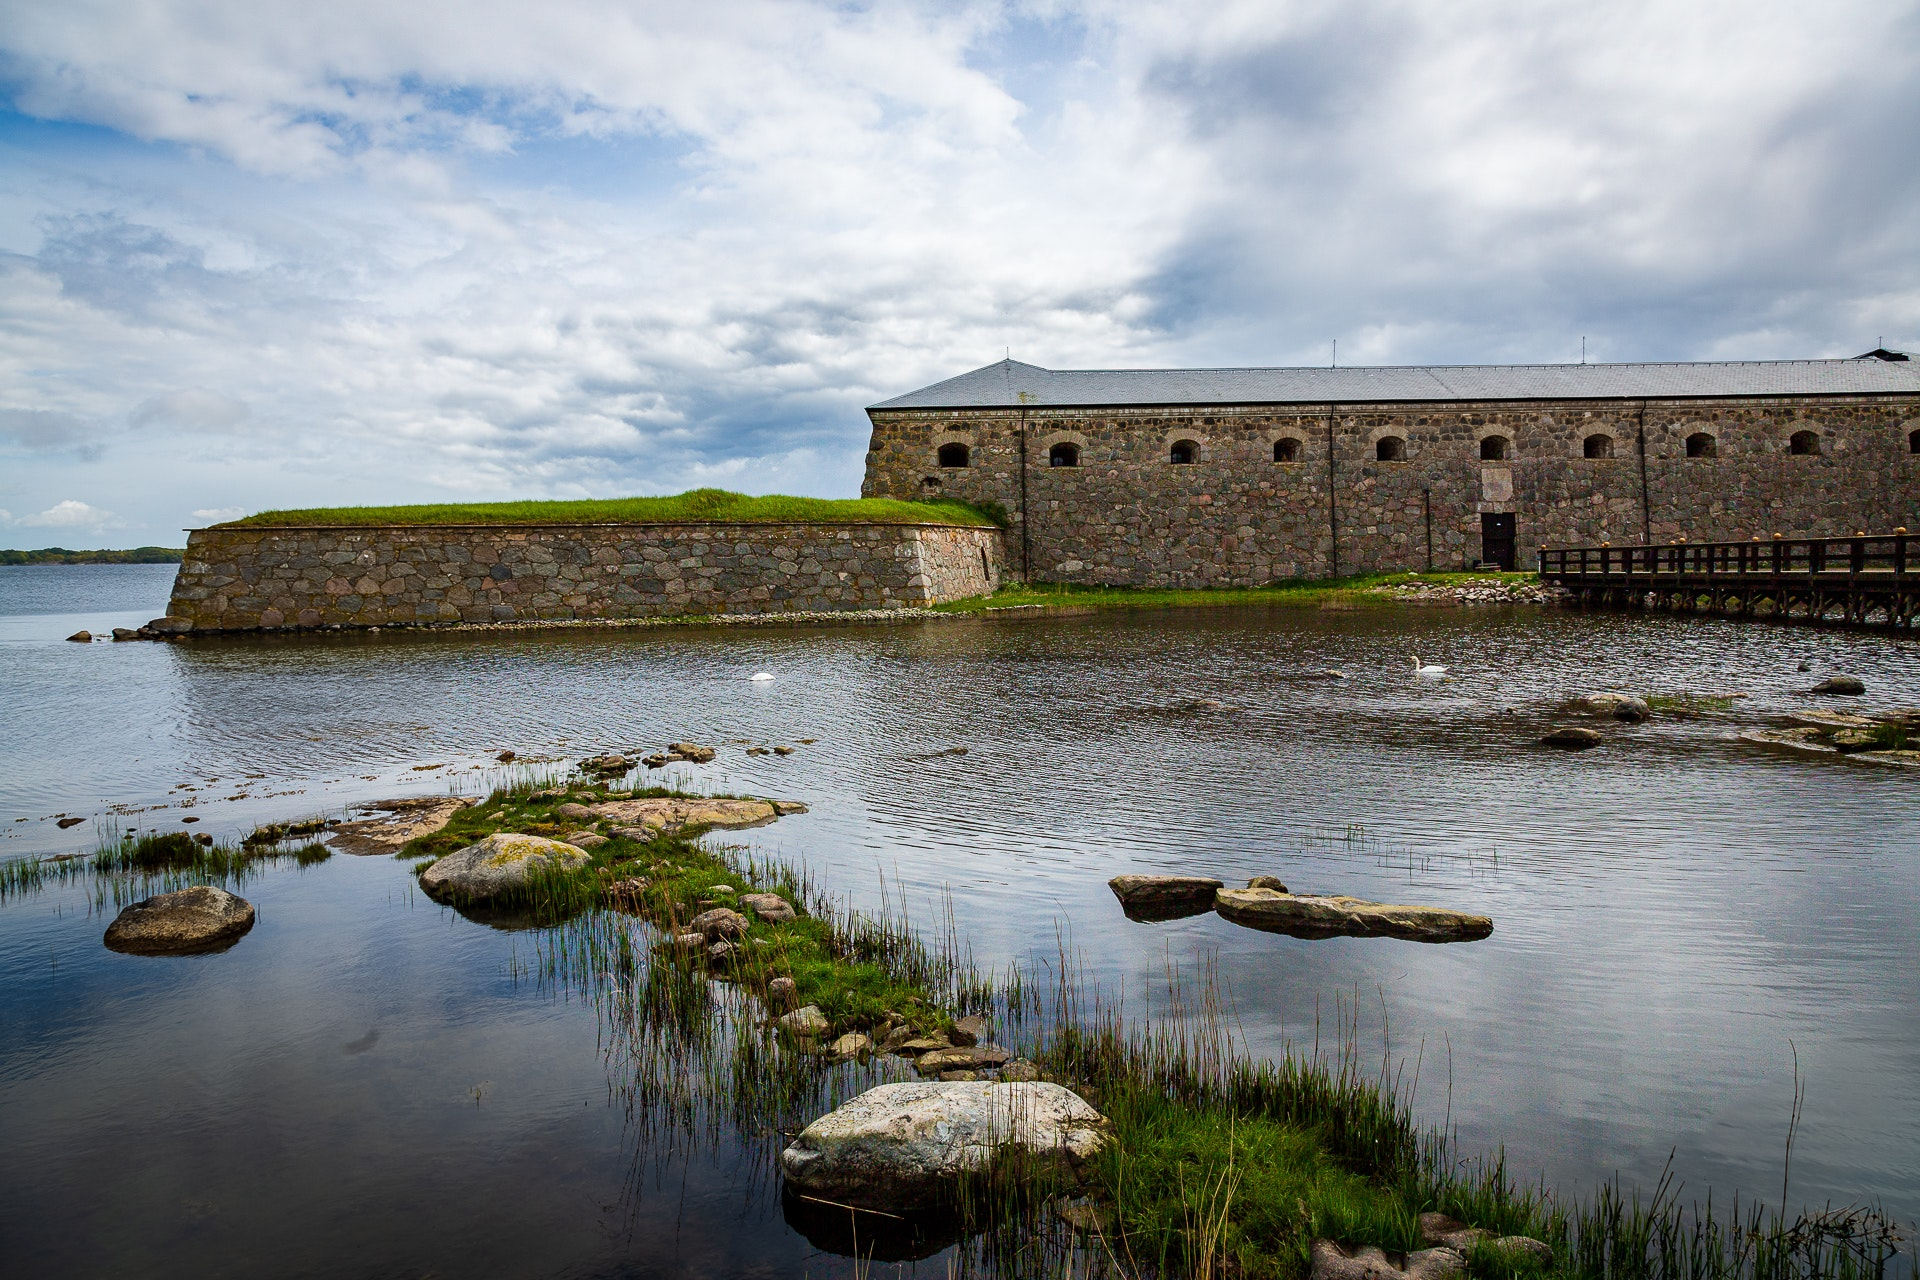 Drottningskärs kastell and moat